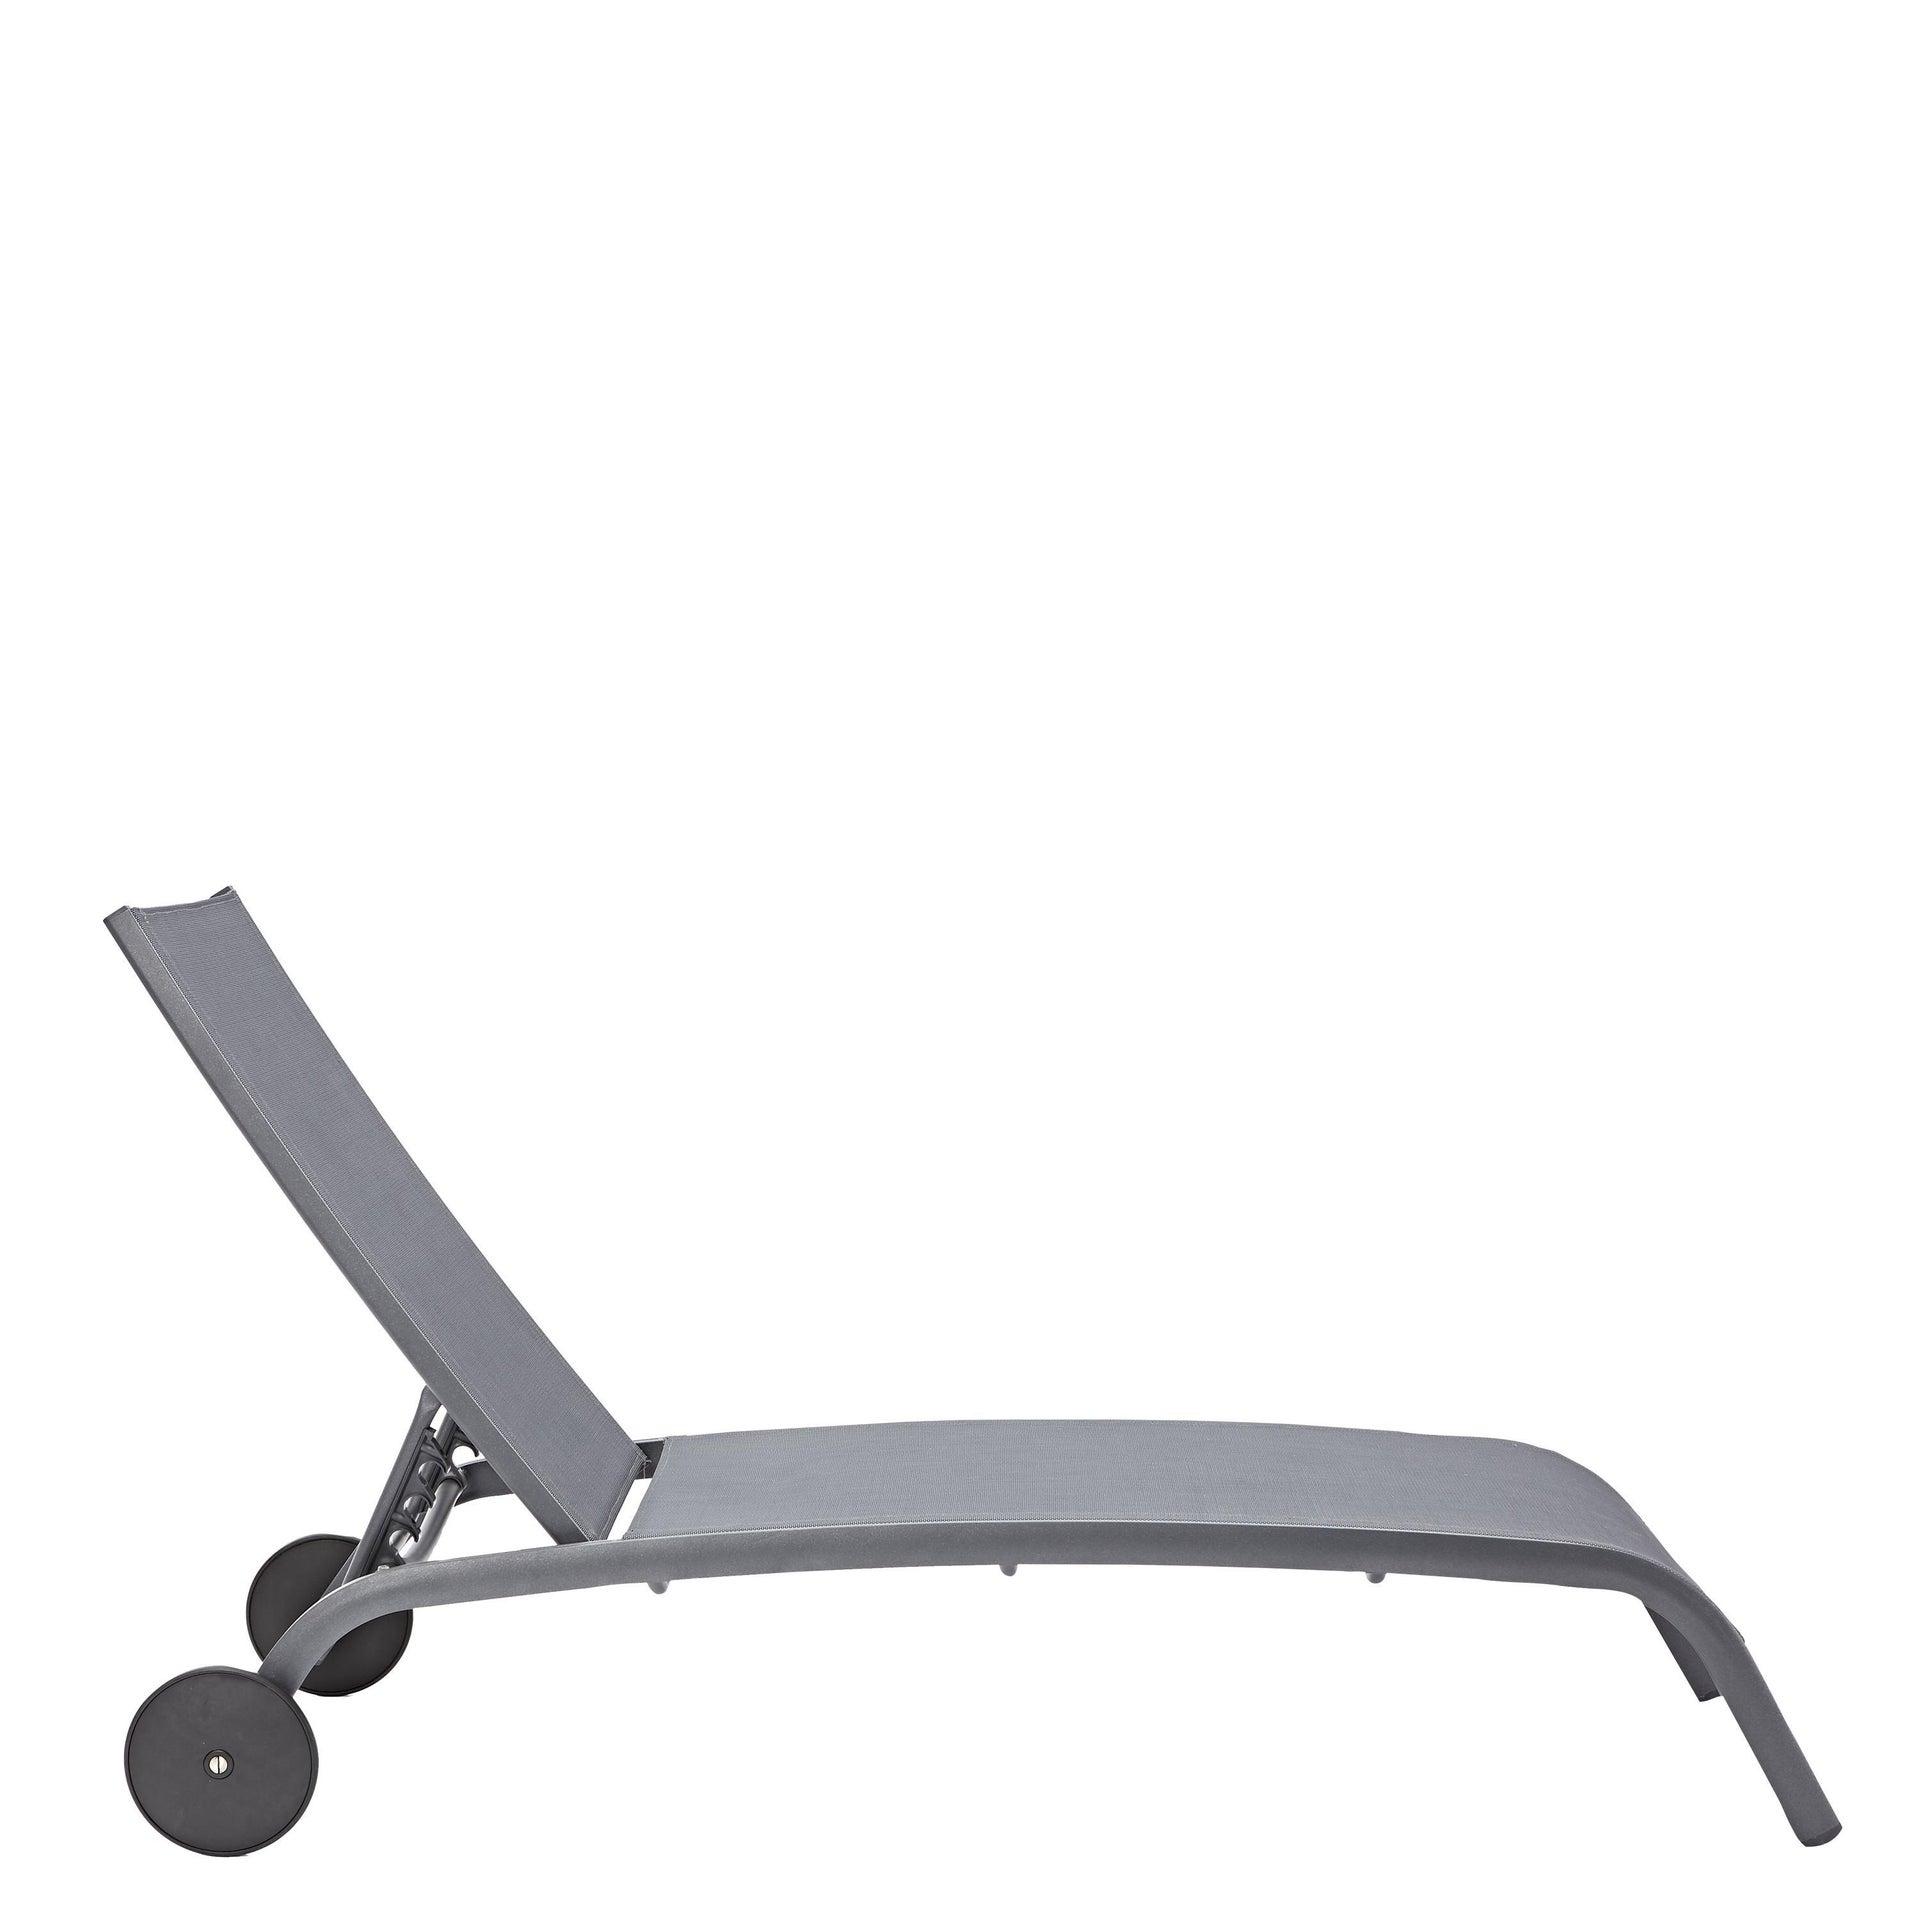 Lettino senza cuscino impilabile NATERIAL Lyra in alluminio grigio scuro - 16